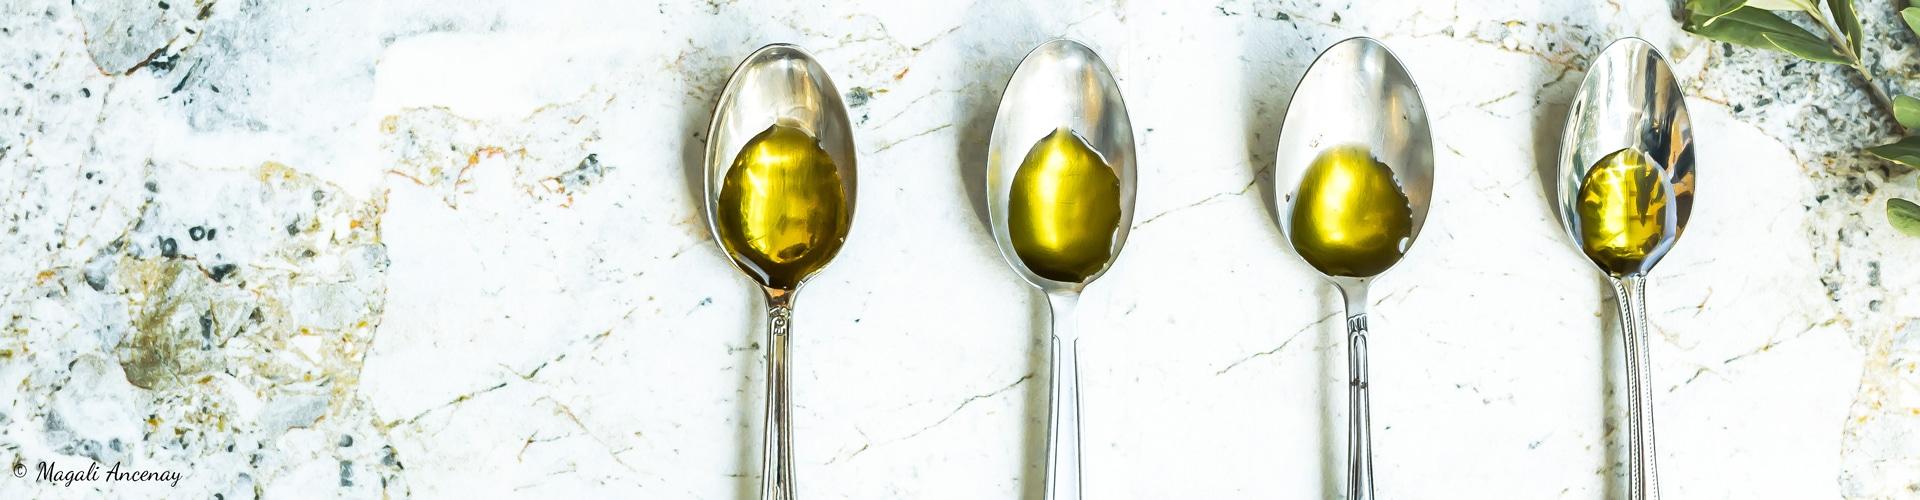 gouts-des-huiles-olive-subtil-intense-ancienne-fruite-vert-mur-degustation-france